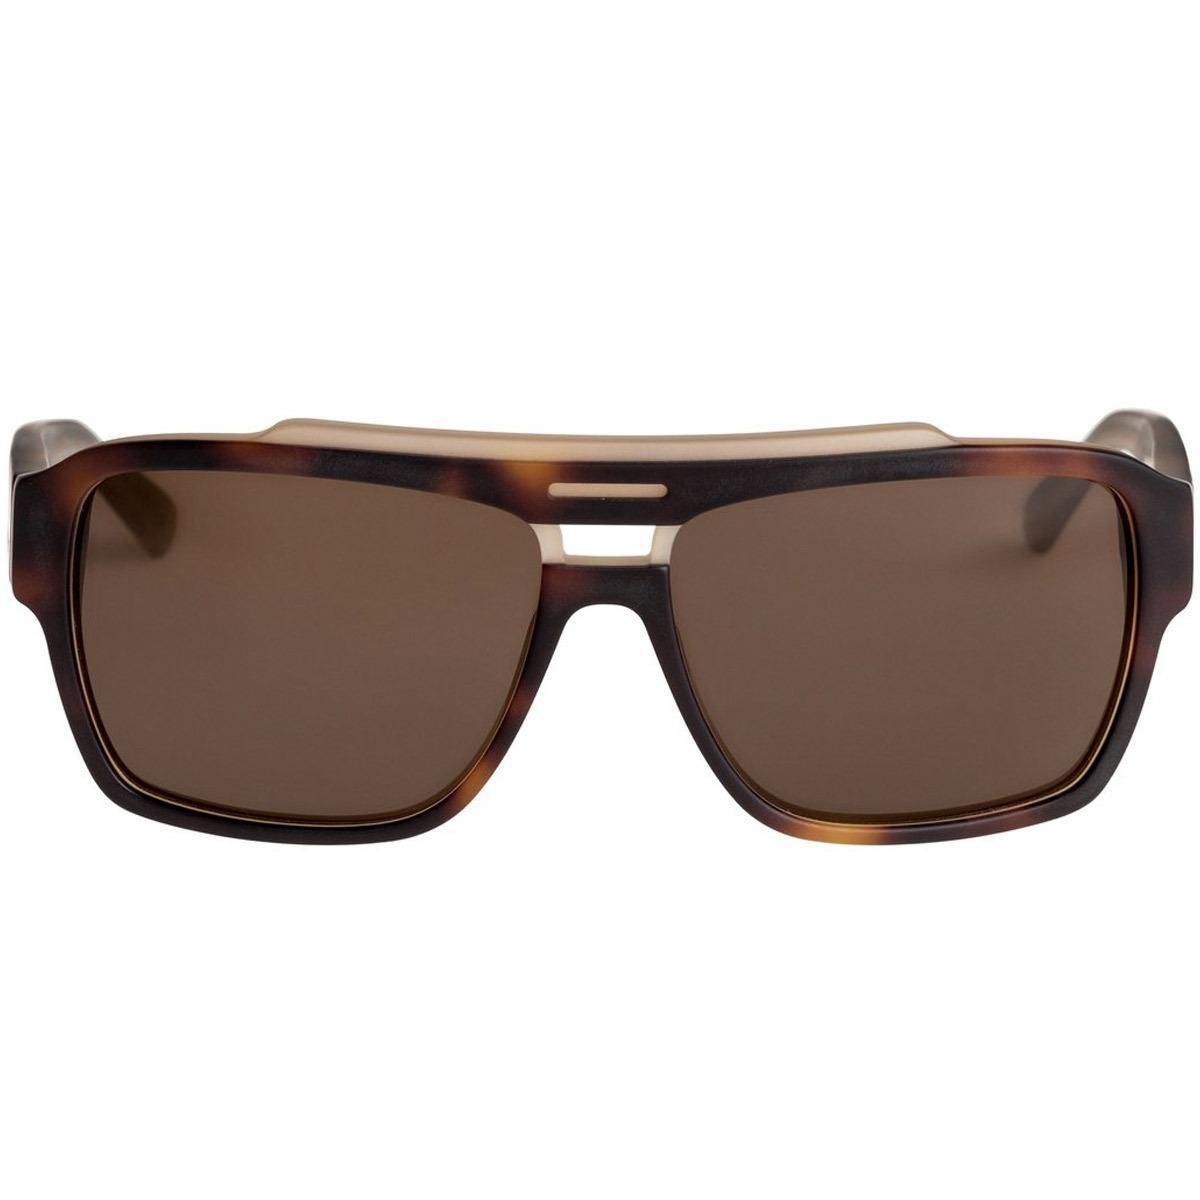 244ed381cf06 Óculos Quiksilver Parker Matte Tortoise   Cream - Cut Wave - R  199 ...